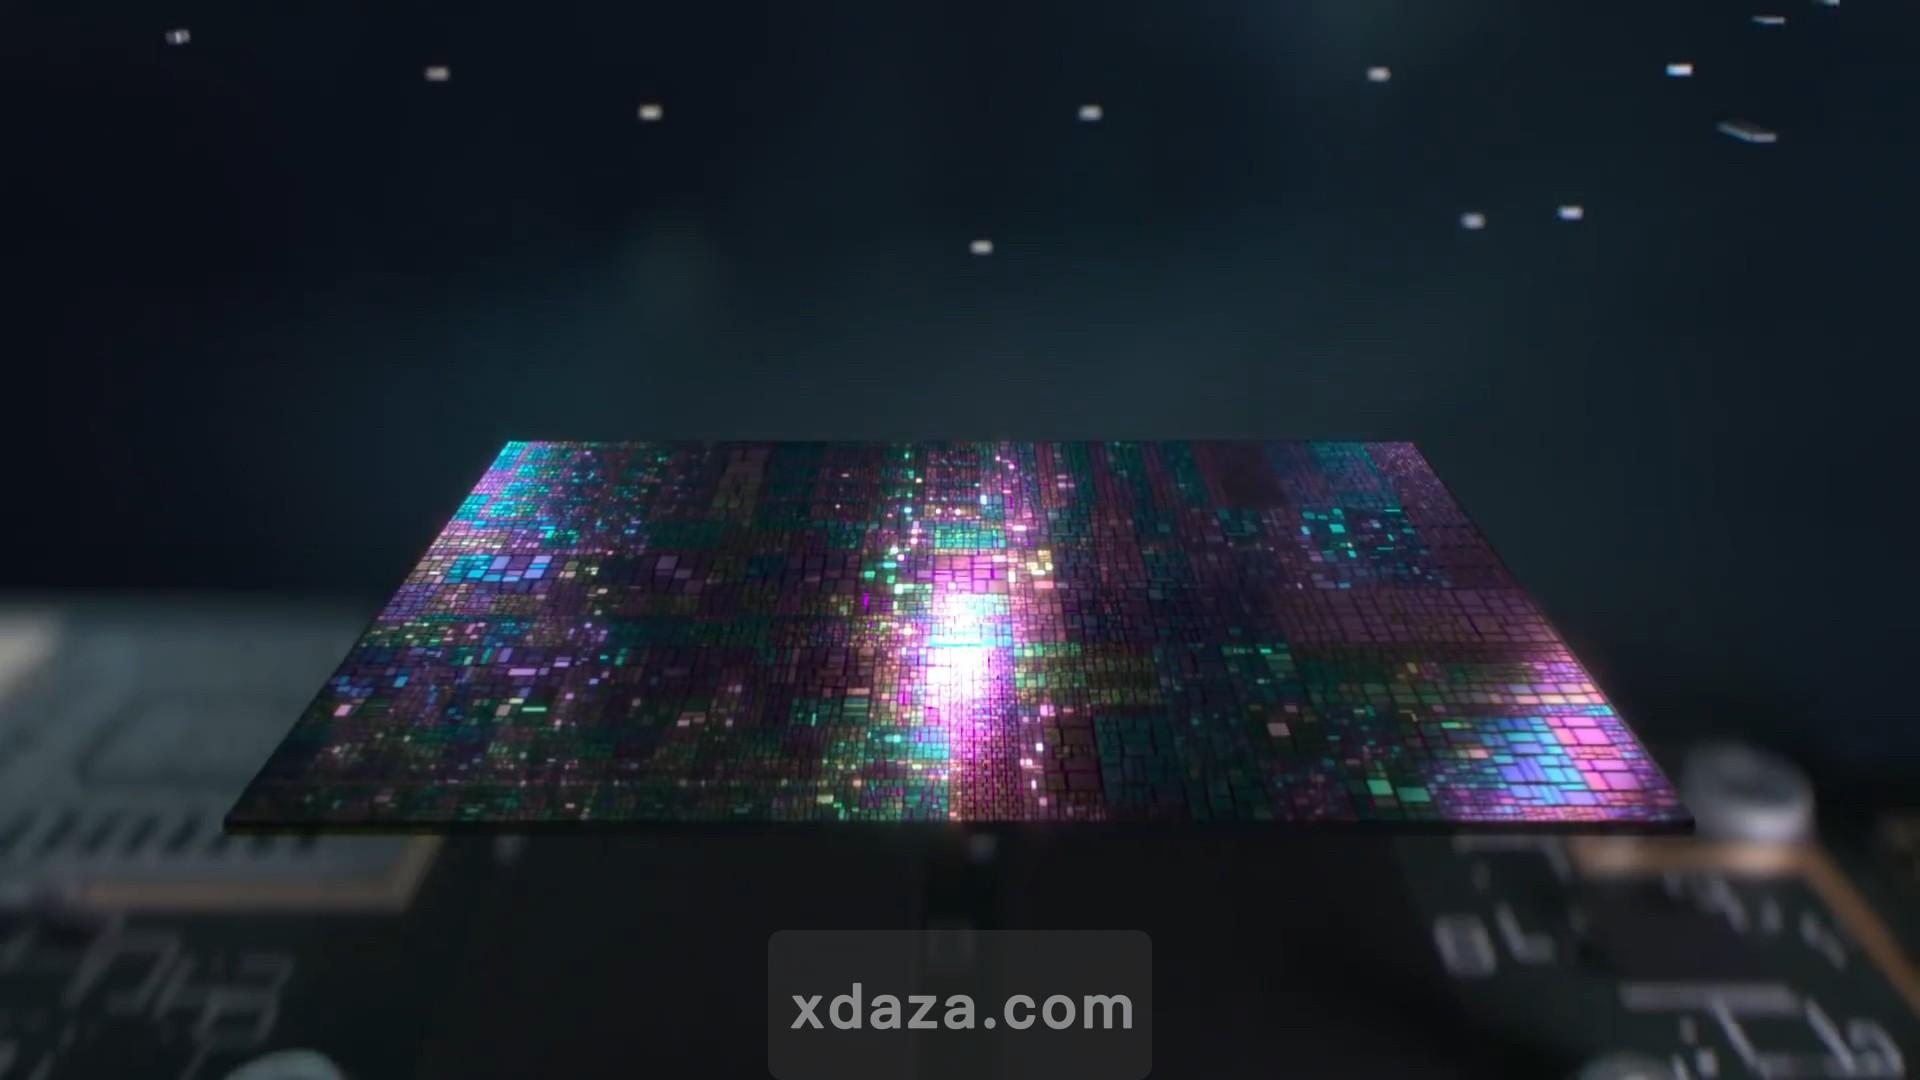 高通声称击败苹果无压力,自己也能制造M1级芯片!